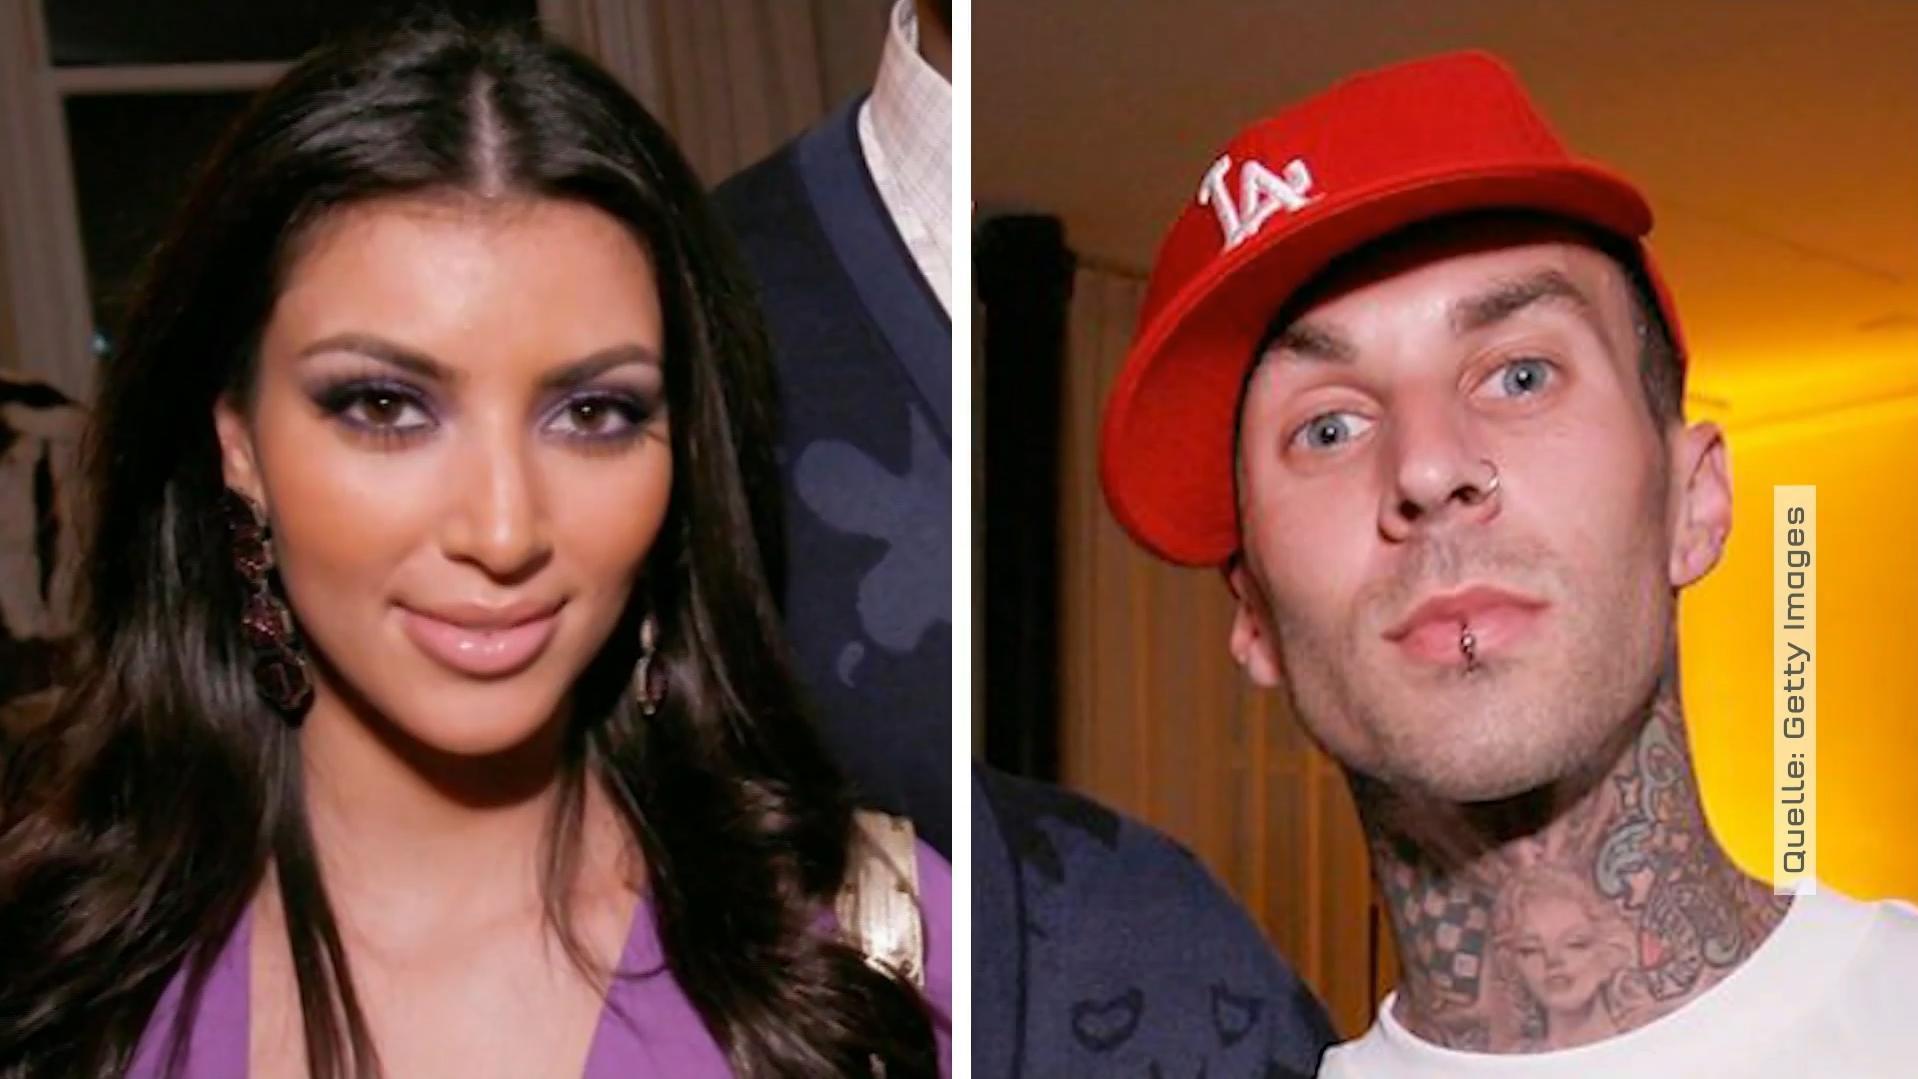 Seine Ex-Freundin behauptet: Kim Kardashian hatte Affäre